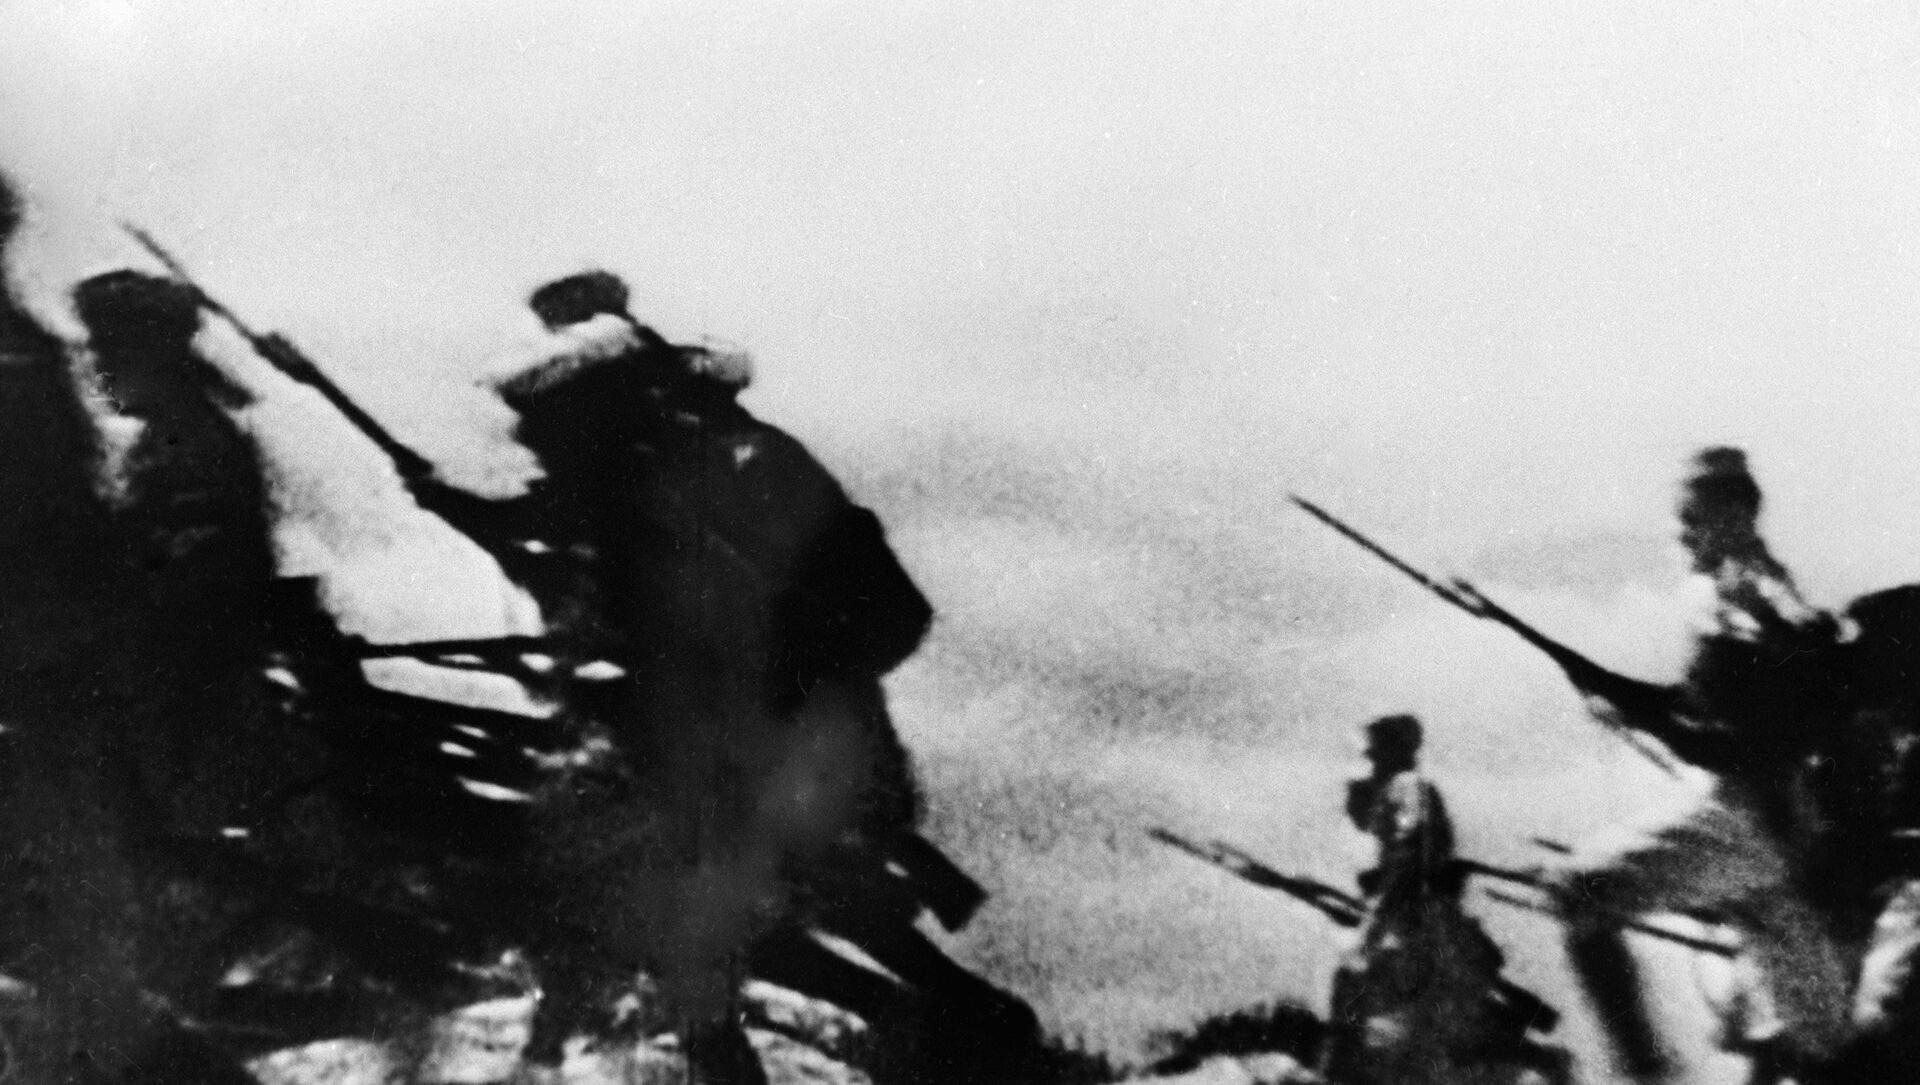 Ataque de los franquistas durante la guerra civil en España - Sputnik Mundo, 1920, 03.02.2021